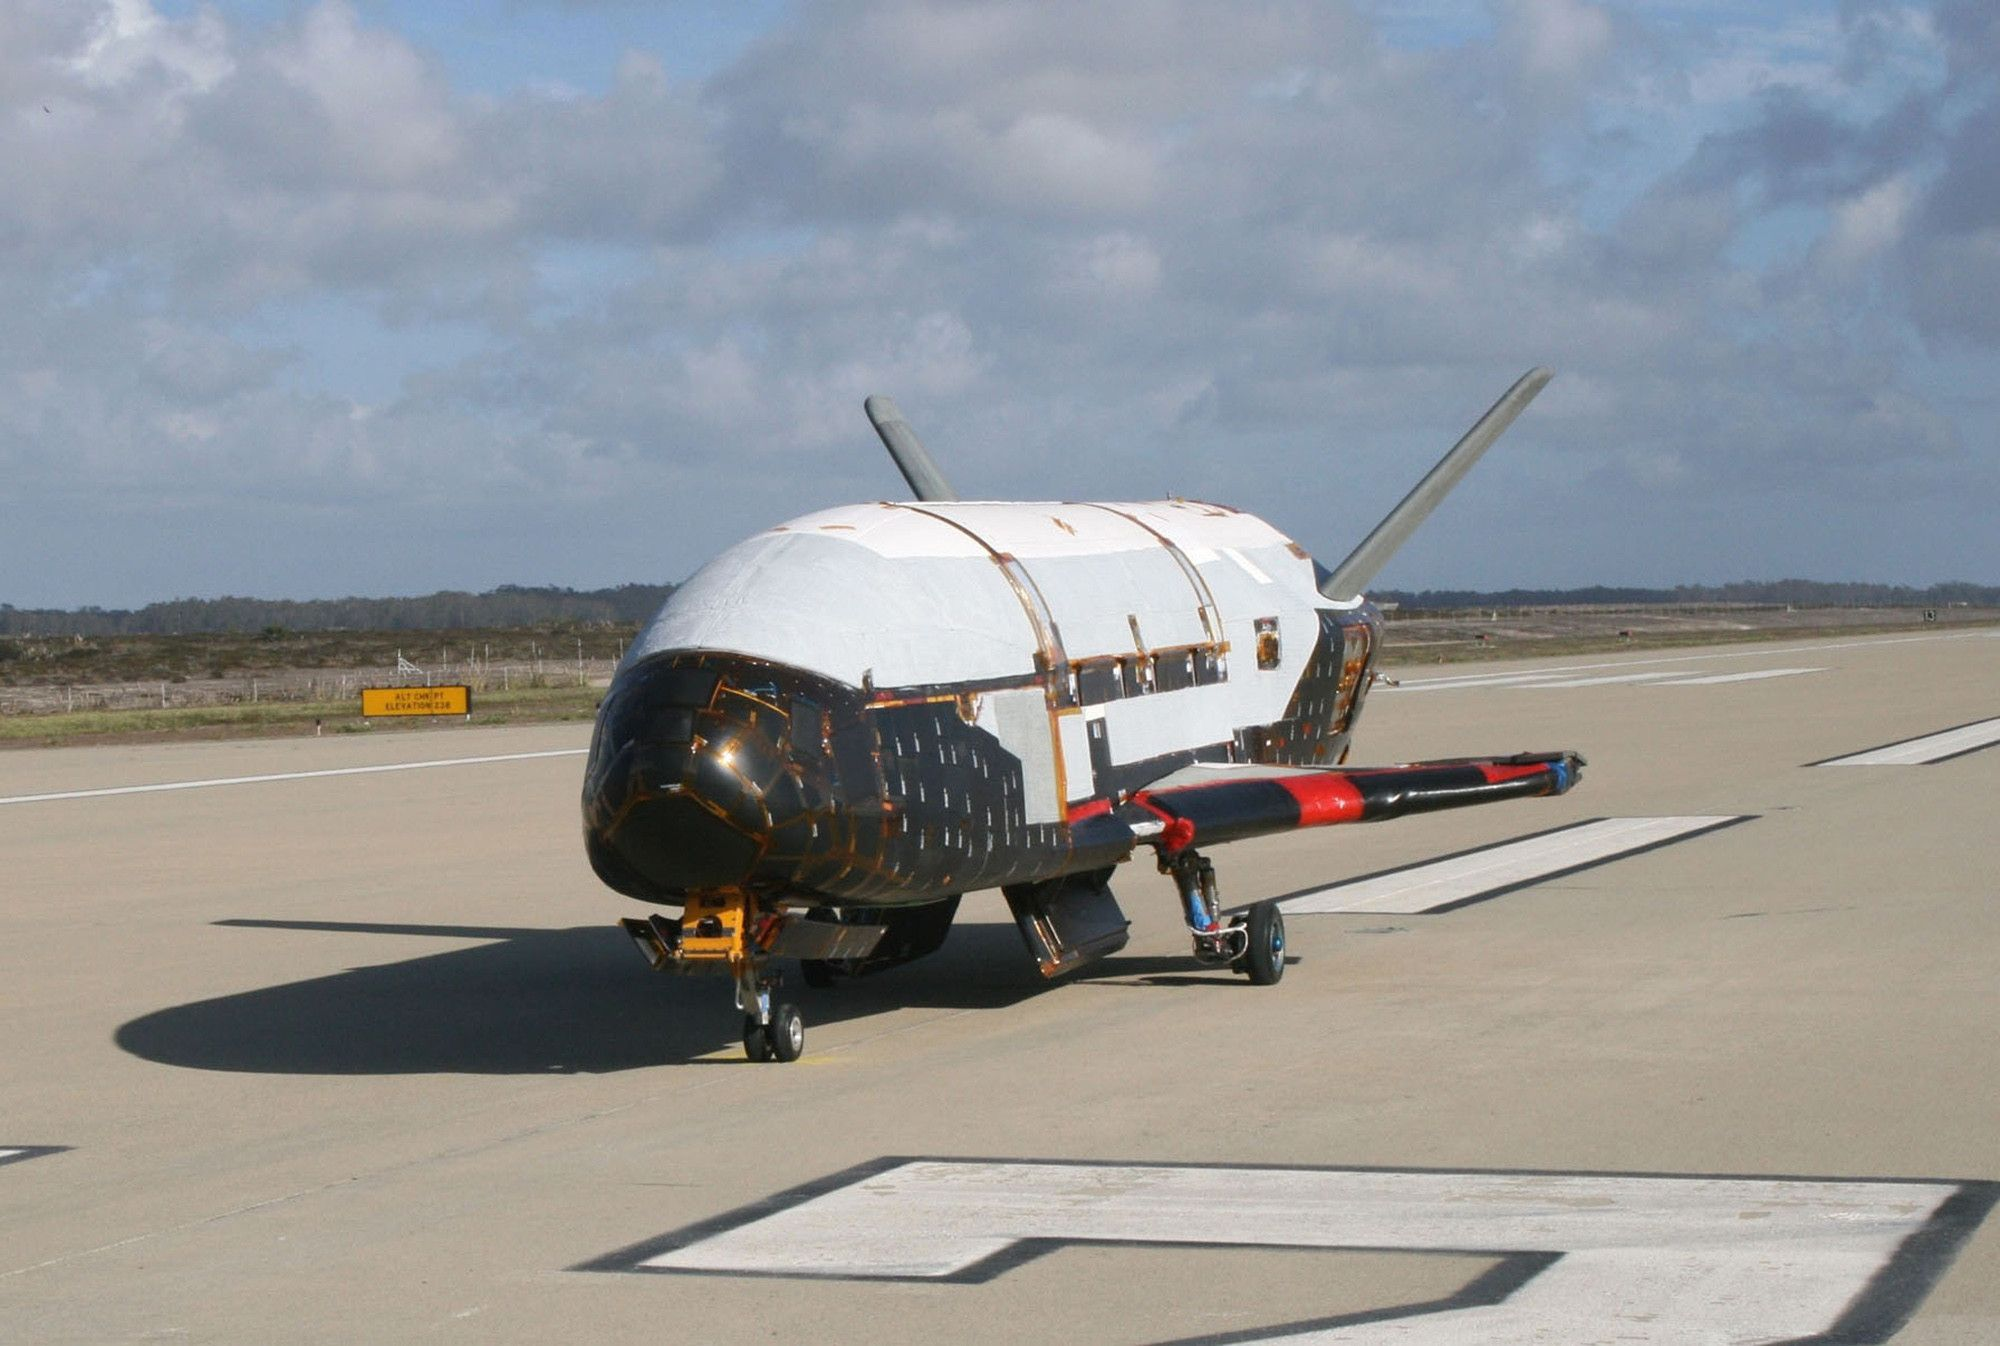 Guerra de las Galaxias vehículo de prueba orbital X-37B frente